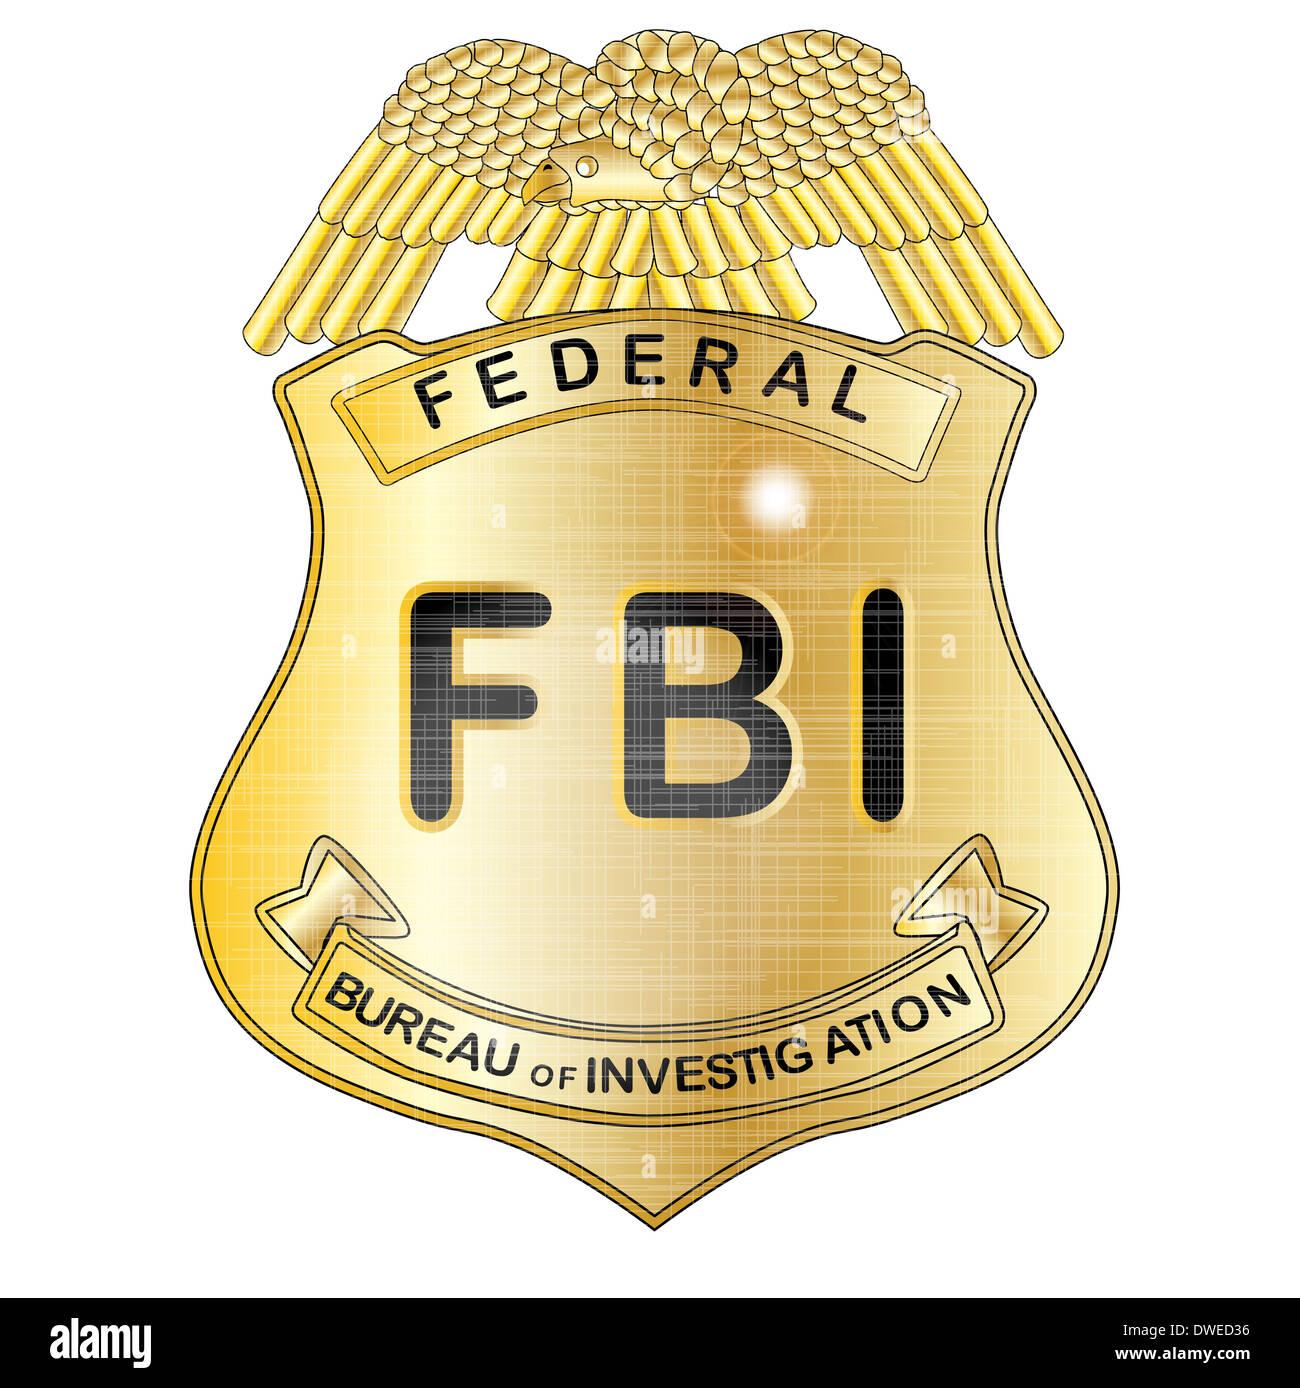 Fbi logo stock photos fbi logo stock images alamy - Fbi badge wallpaper ...